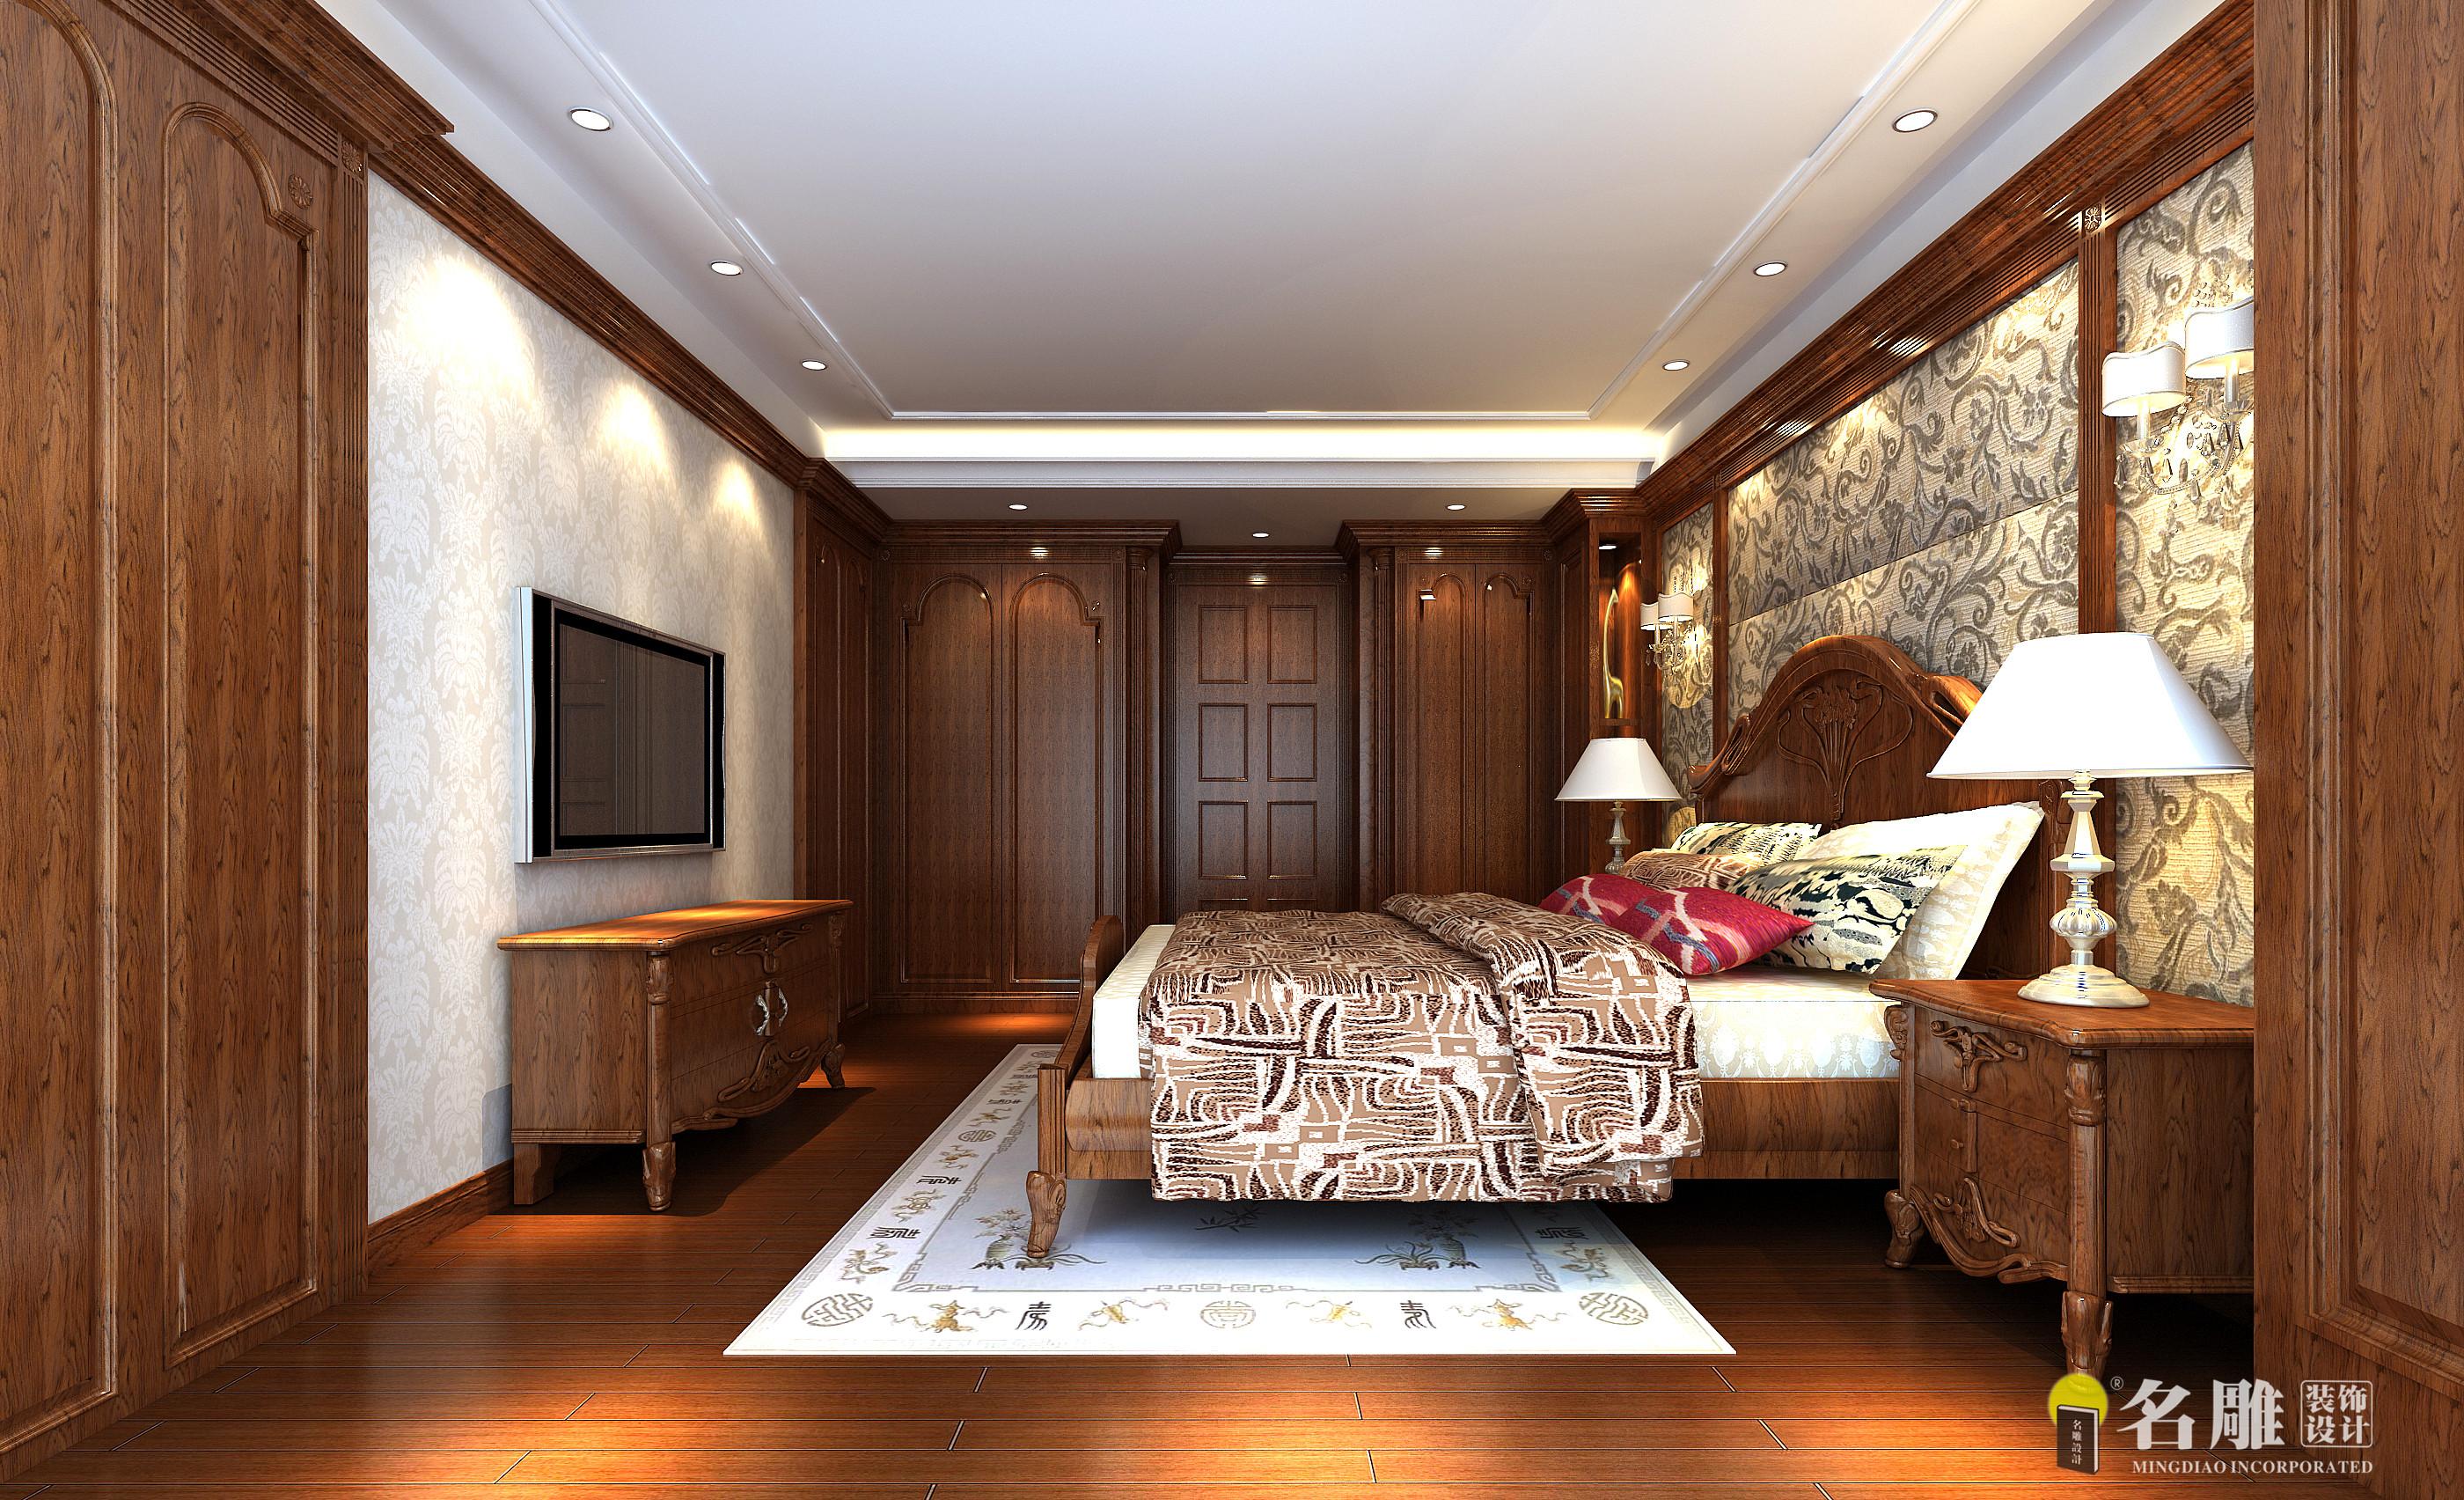 混搭 美式混搭 别墅 高富帅 白富美 名雕装饰 天御山 卧室图片来自名雕装饰设计在天御山--美式混搭220平豪宅装饰的分享